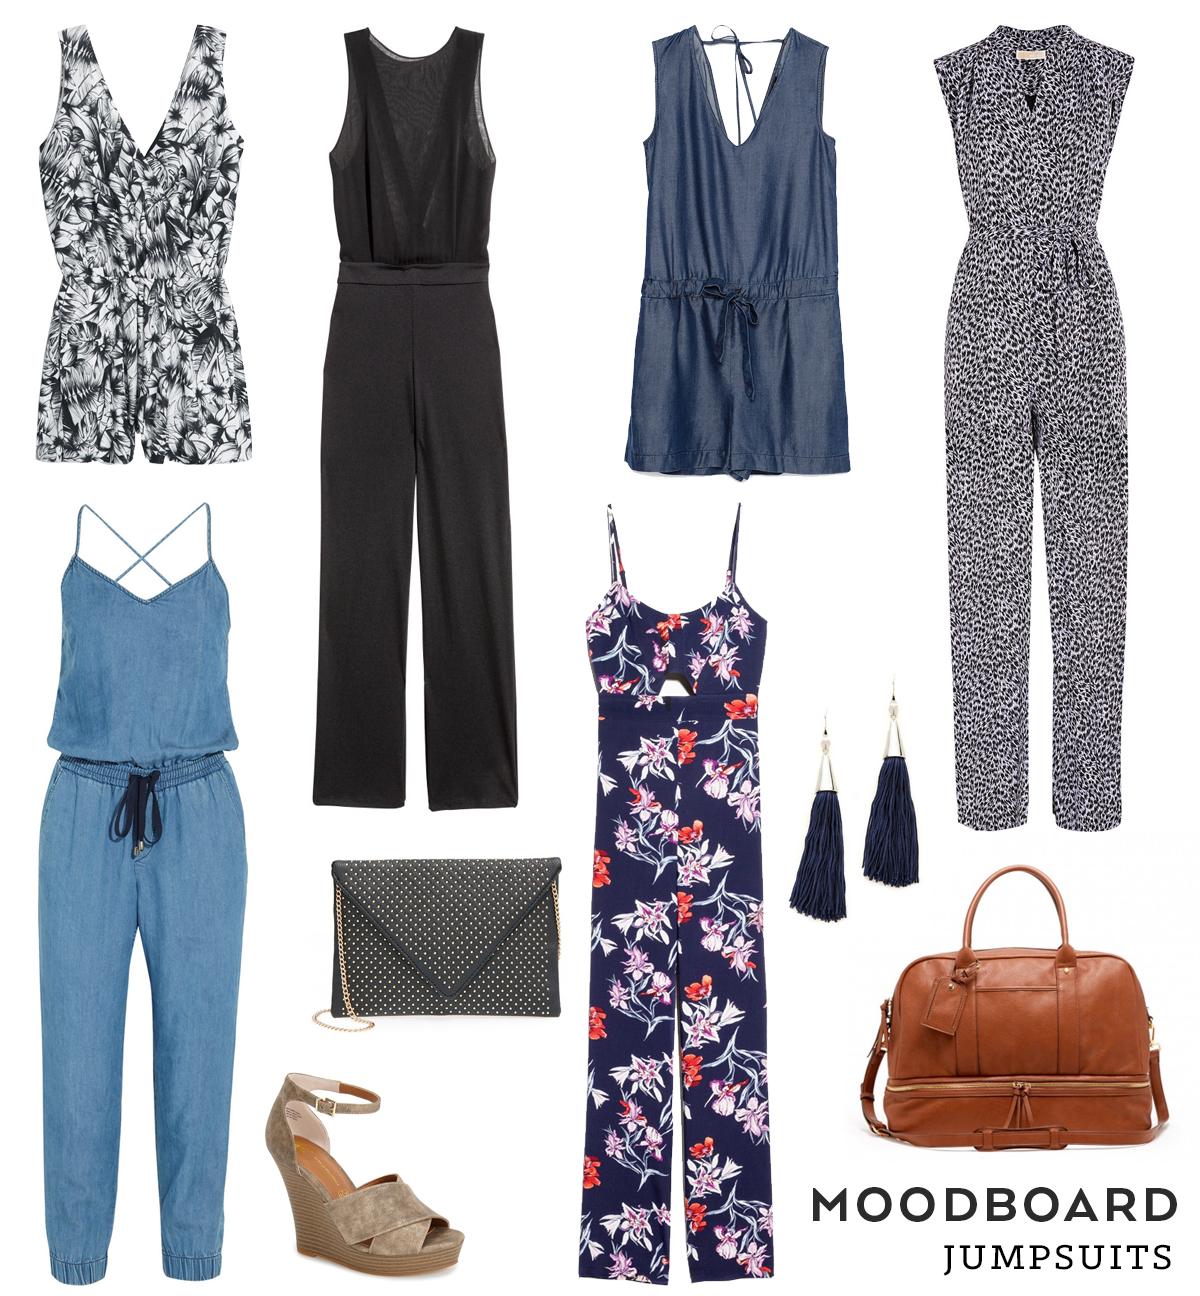 Moodboard – Jumpsuits | Sew DIY